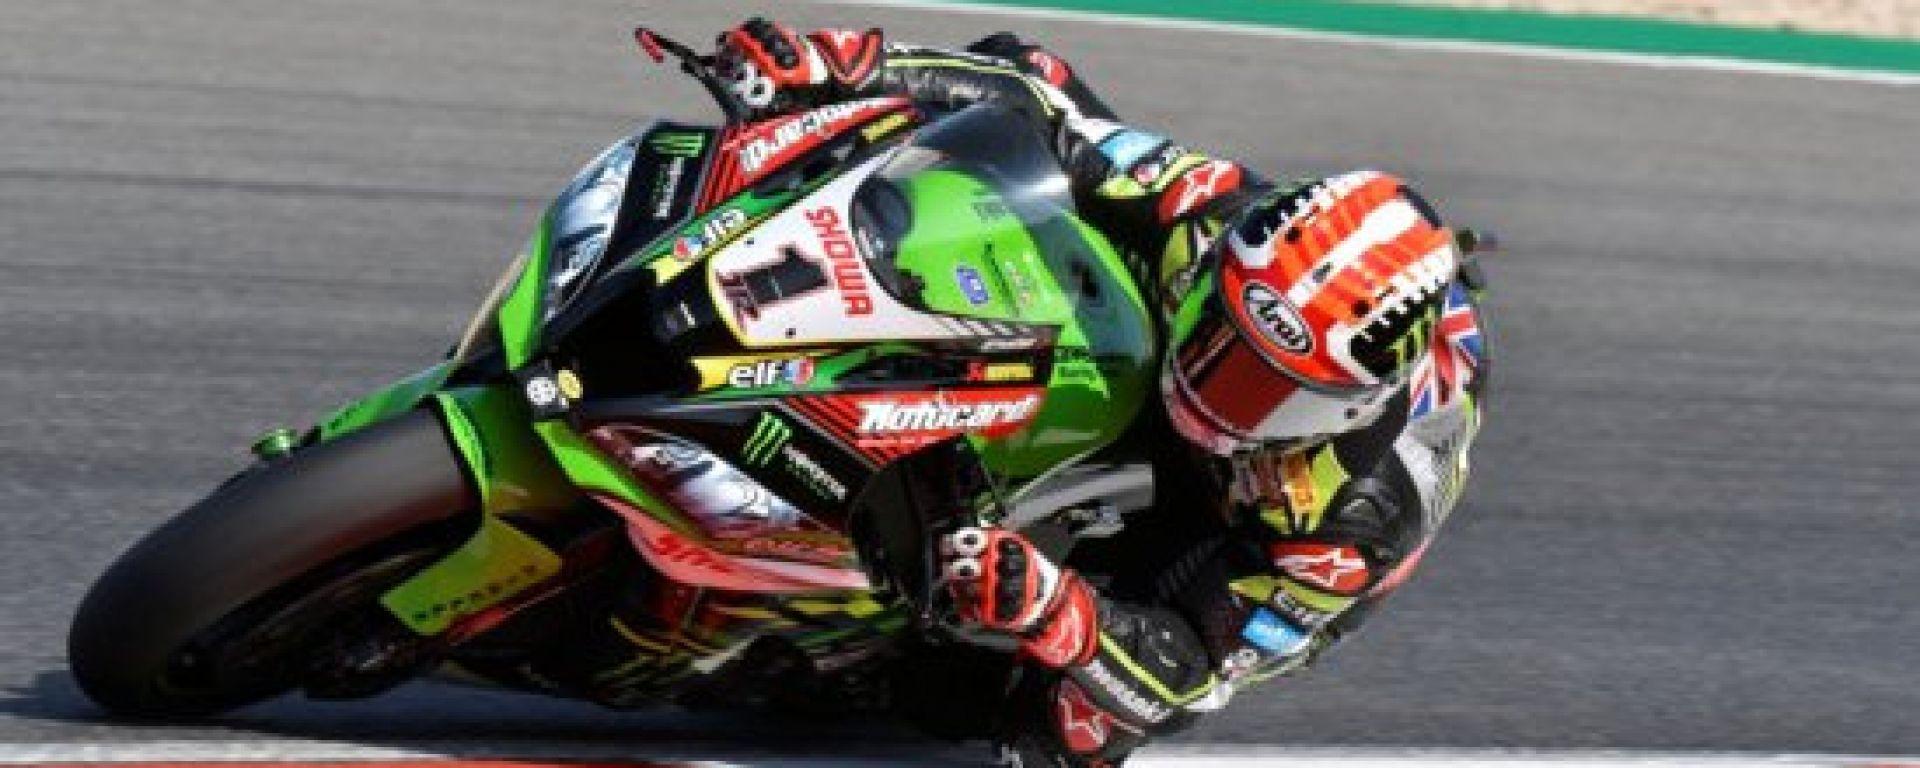 Bautista in pista a Portimao sulla Kawasaki